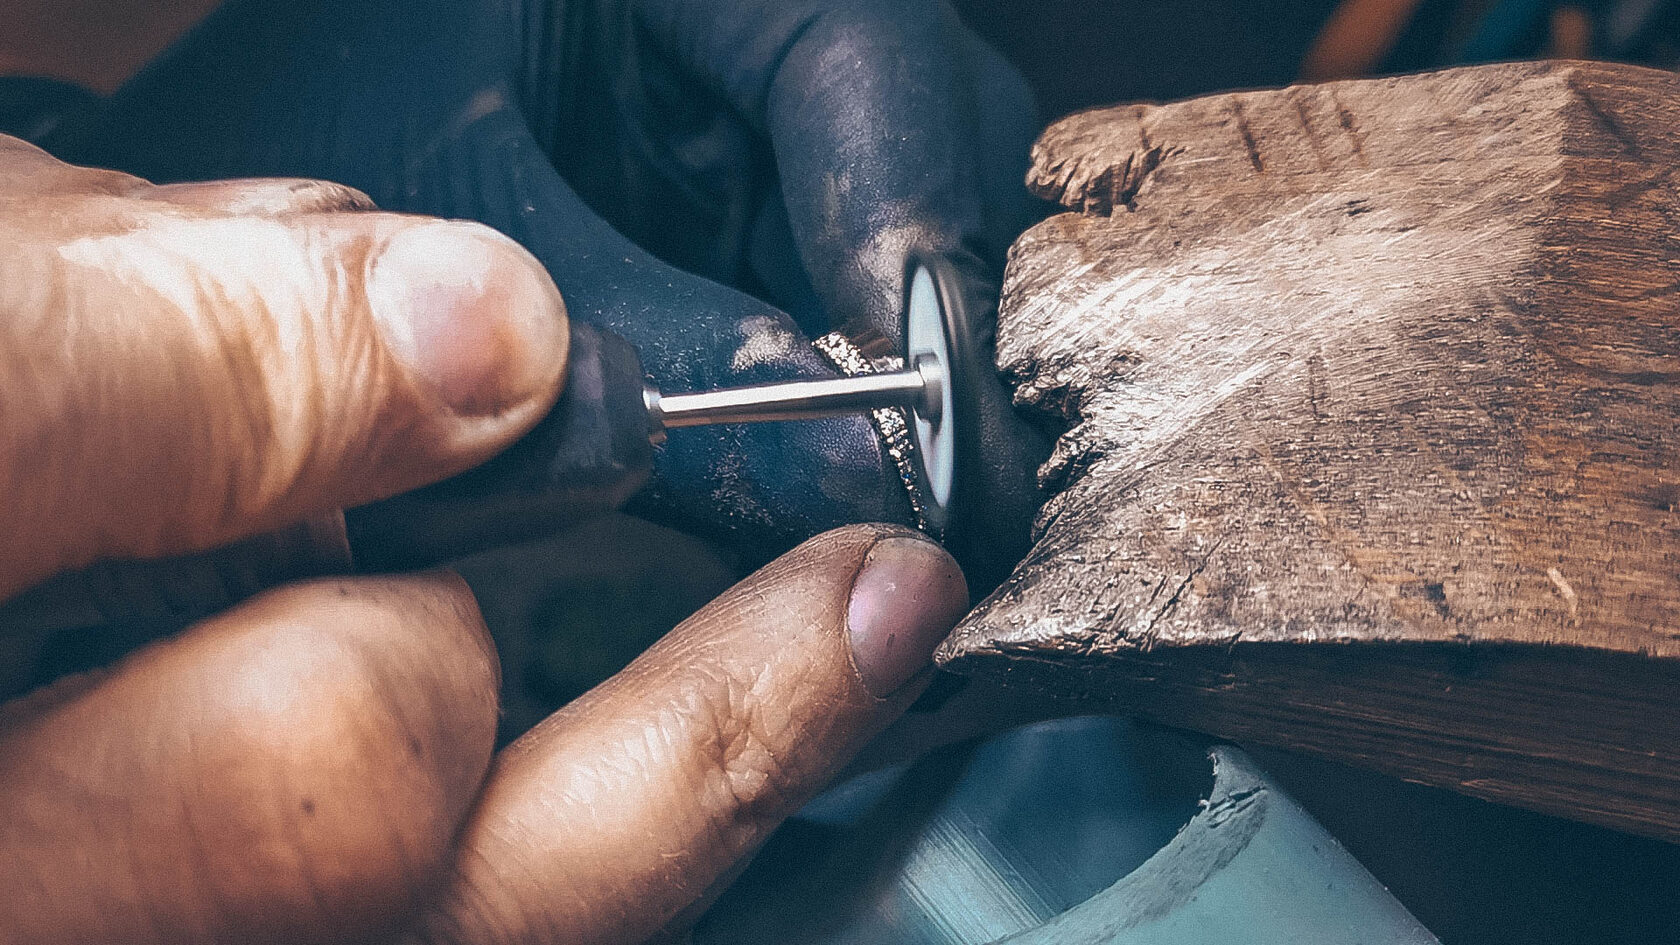 Обручальные кольца от производителя купить по выгодной цене или сделать на заказ - ювелирная мастерская Виктора Шадрина